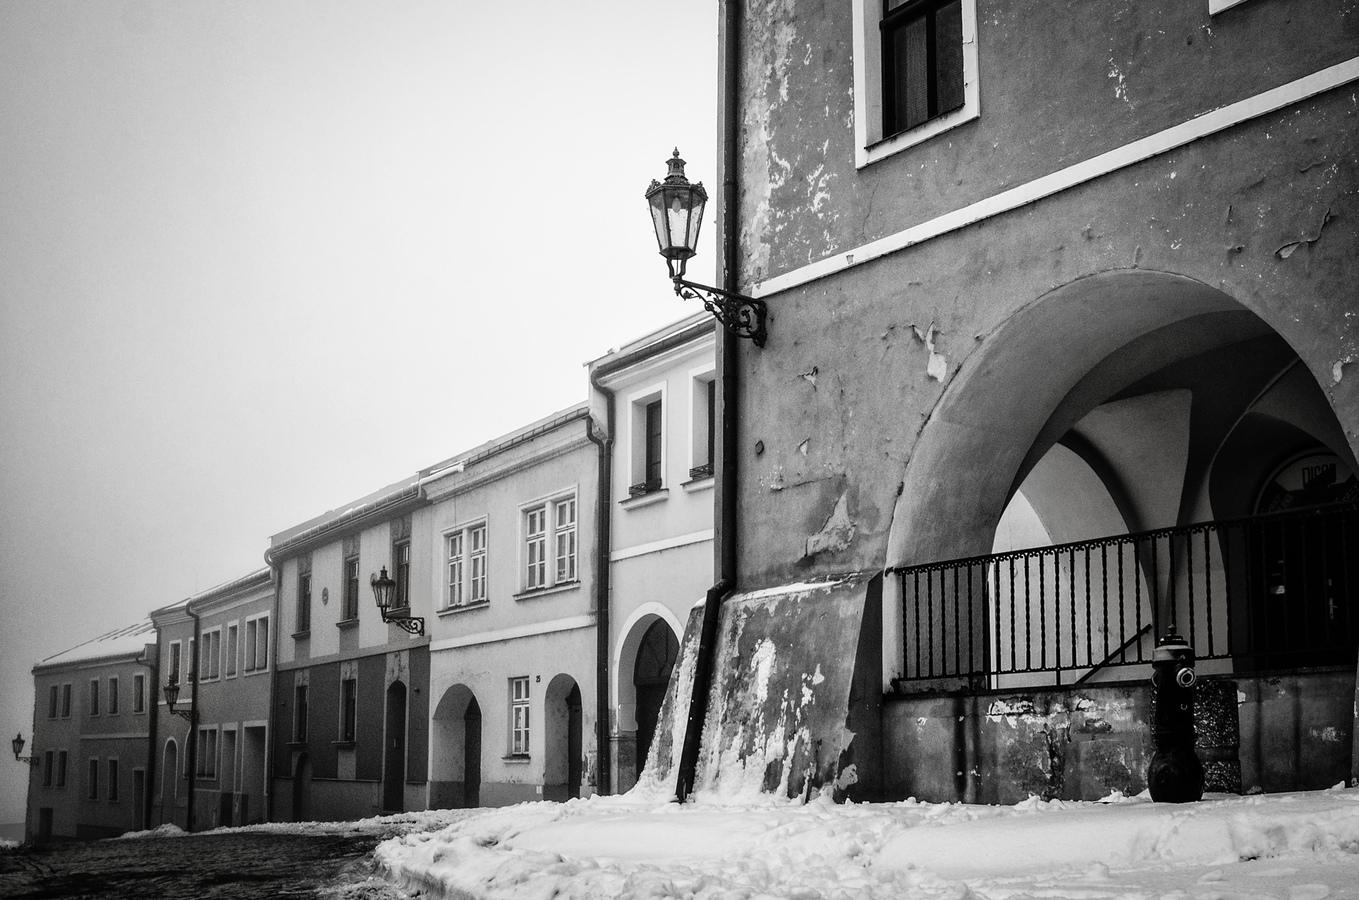 Pivovarská ulice